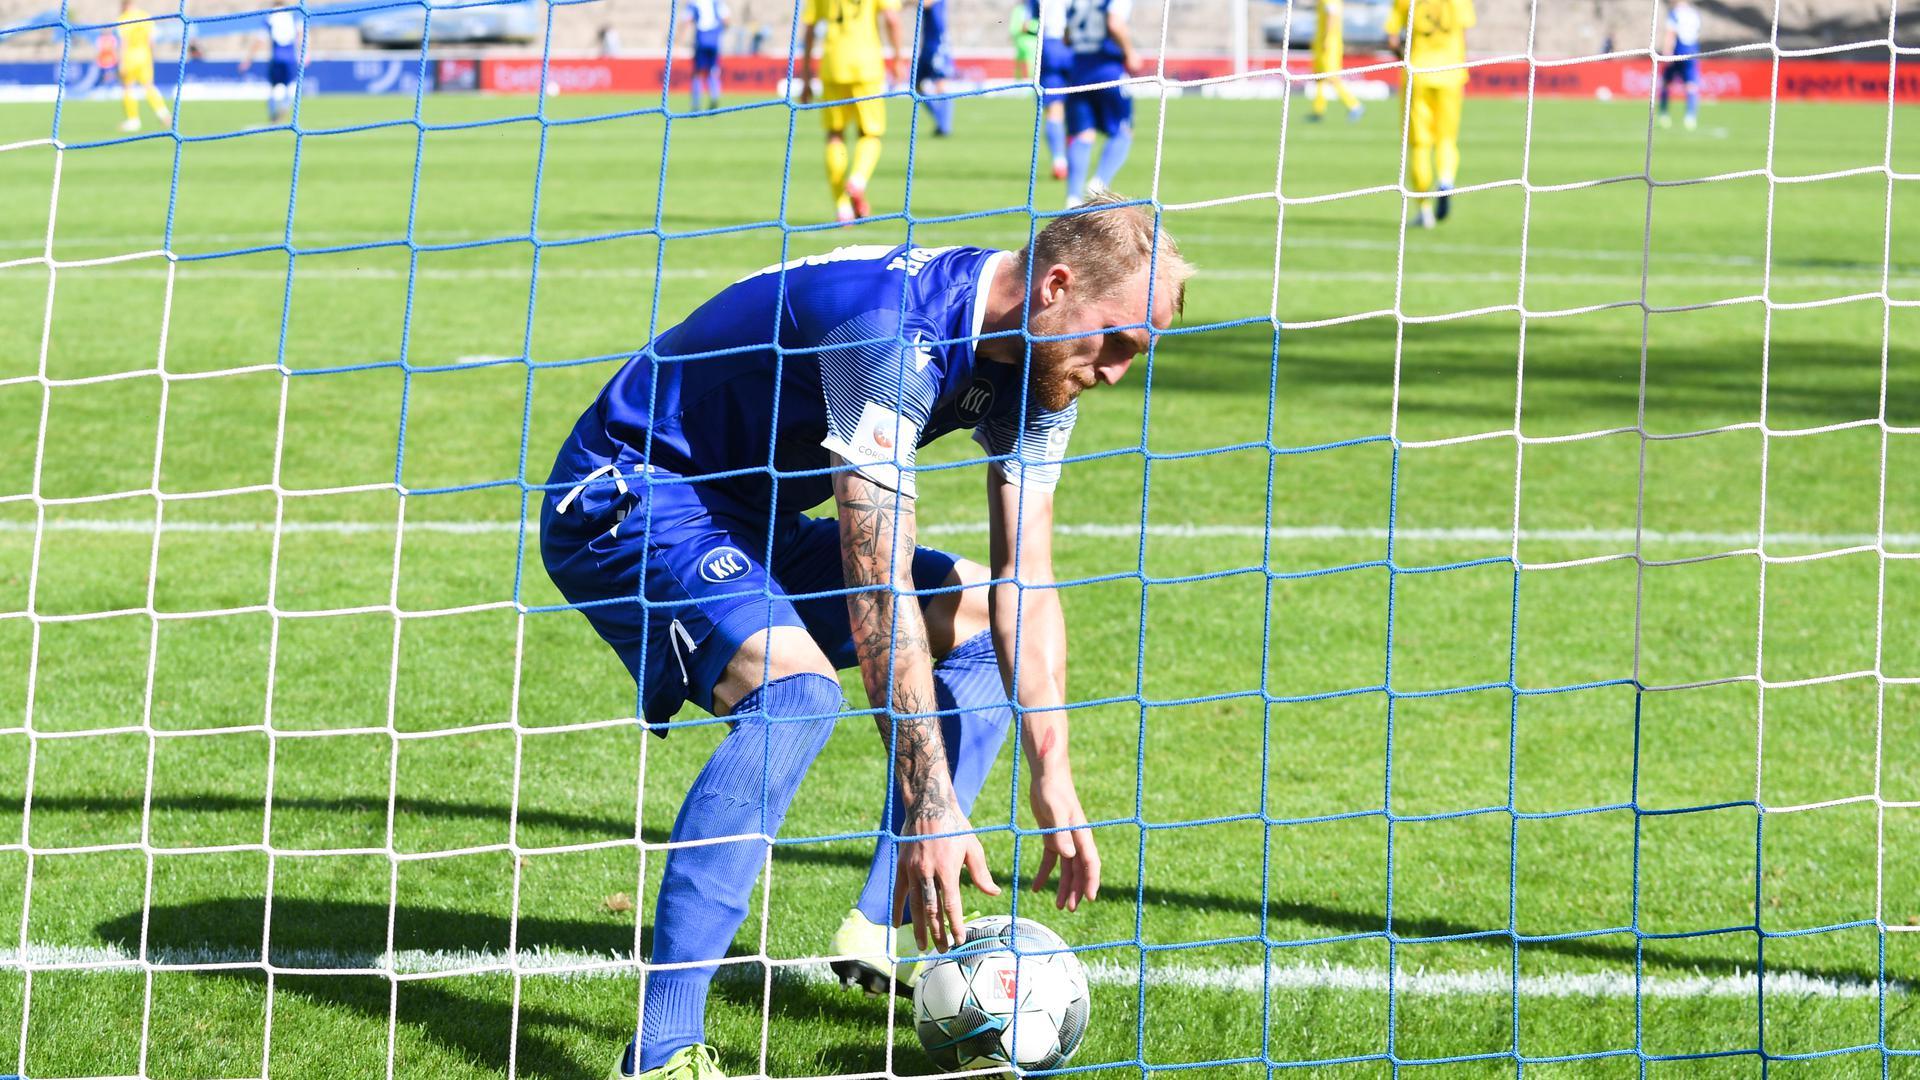 Gesicht der Karlsruher Aufholjagd: Mit drei Treffern, davon zwei per Strafstoß, rettete Philipp Hofmann dem KSC ein 3:3.